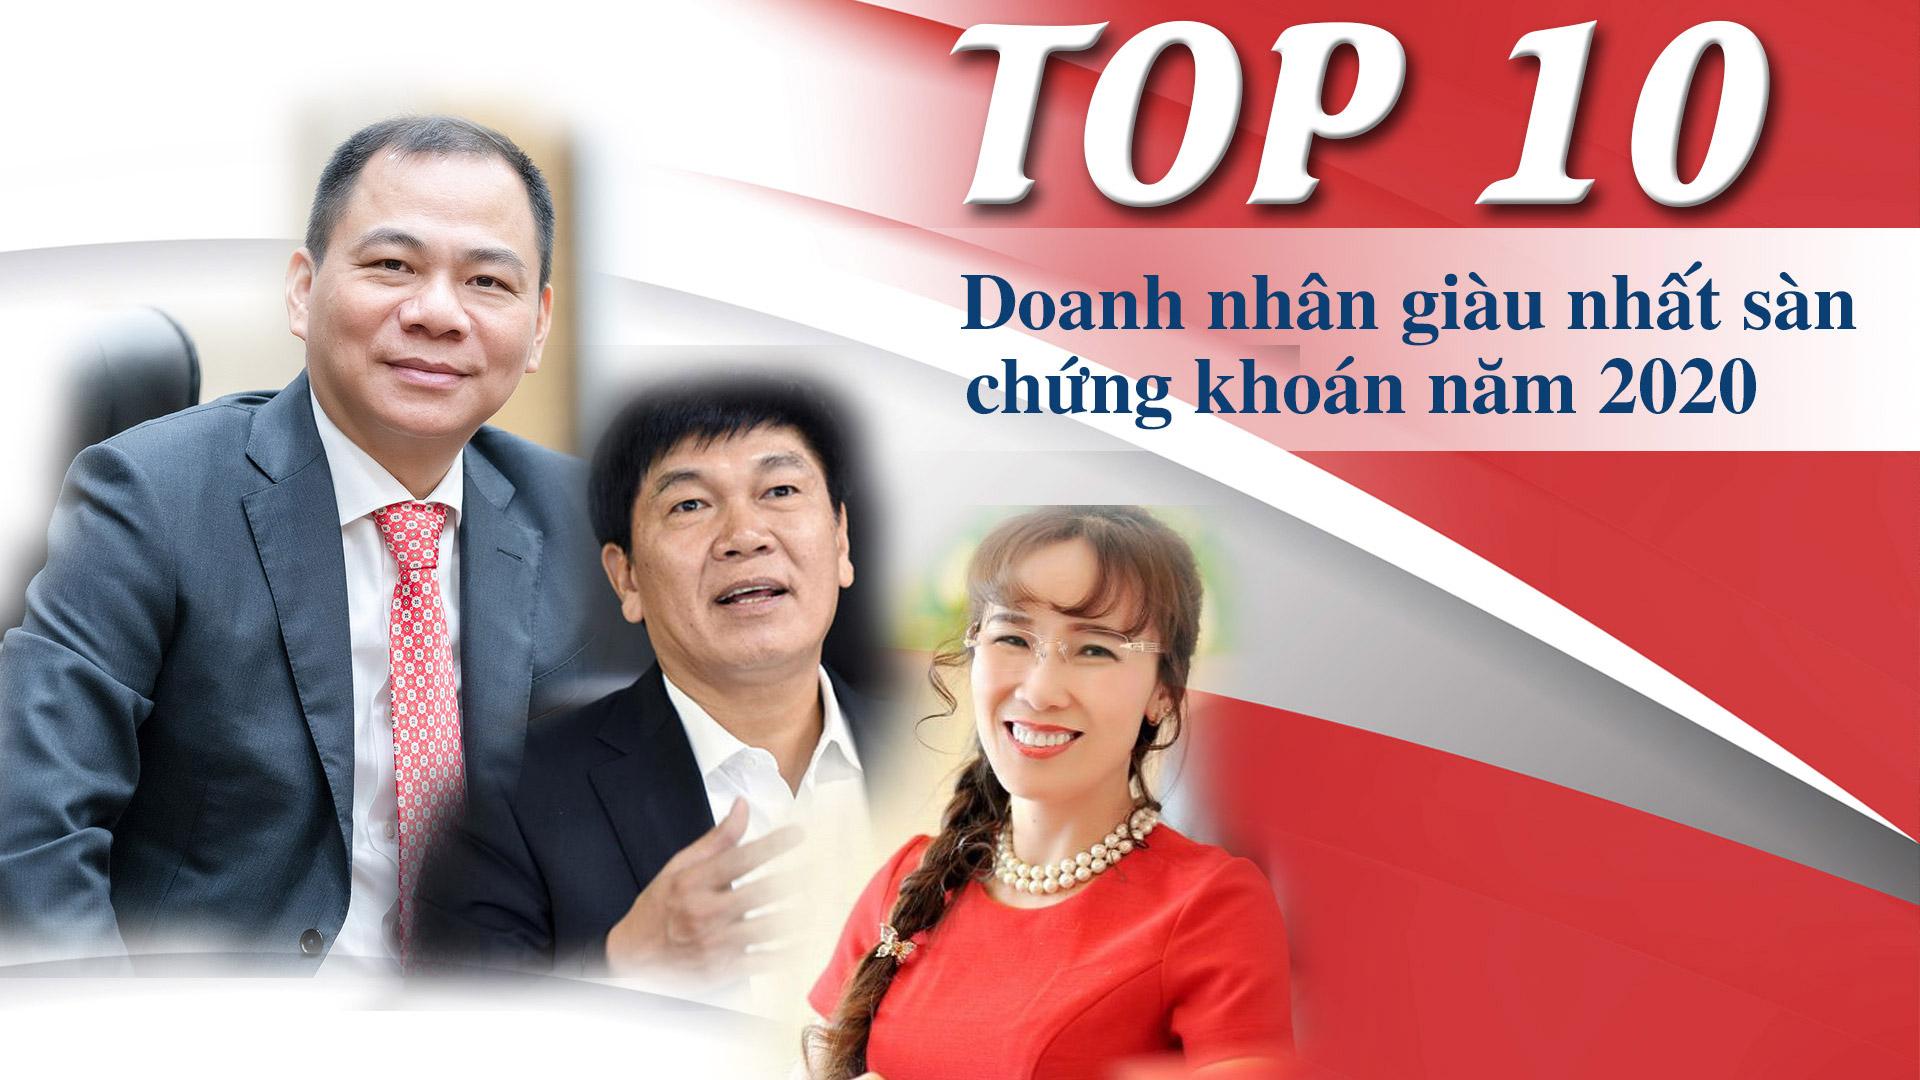 TOP 10 Doanh nhân giàu nhất sàn chứng khoán năm 2020 - 11